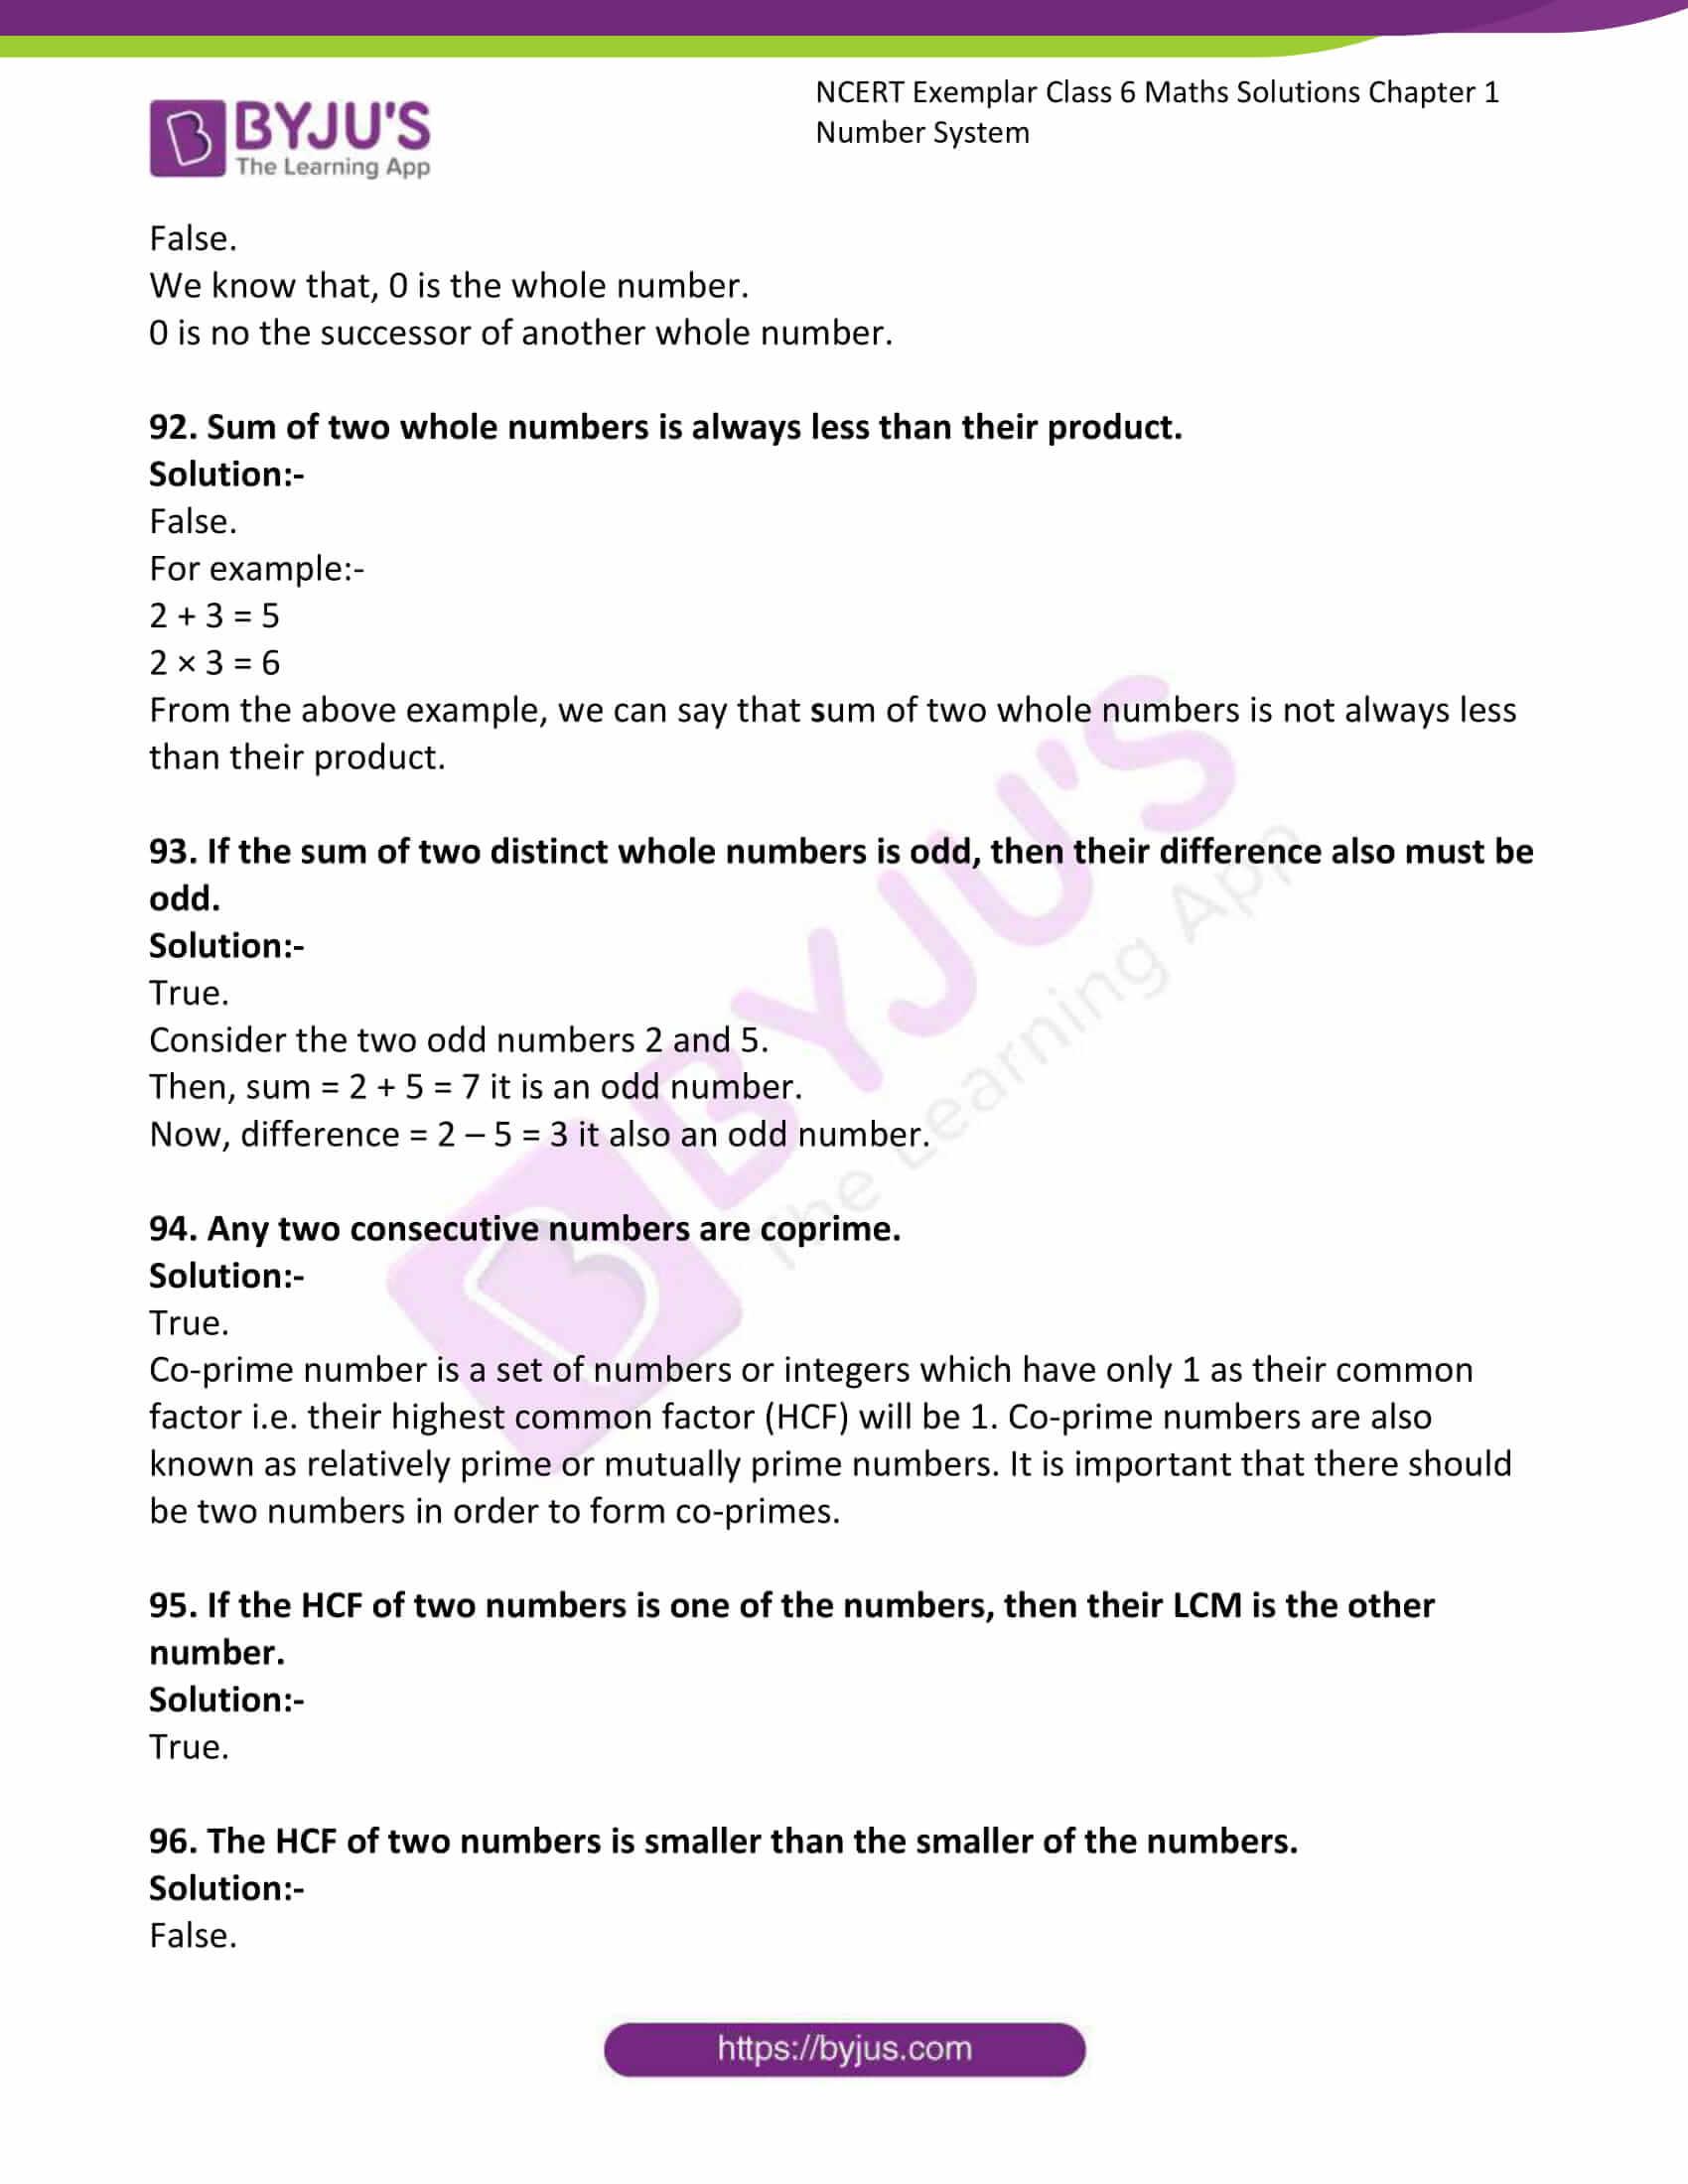 ncert exemplar class 6 maths sol ch 1 21